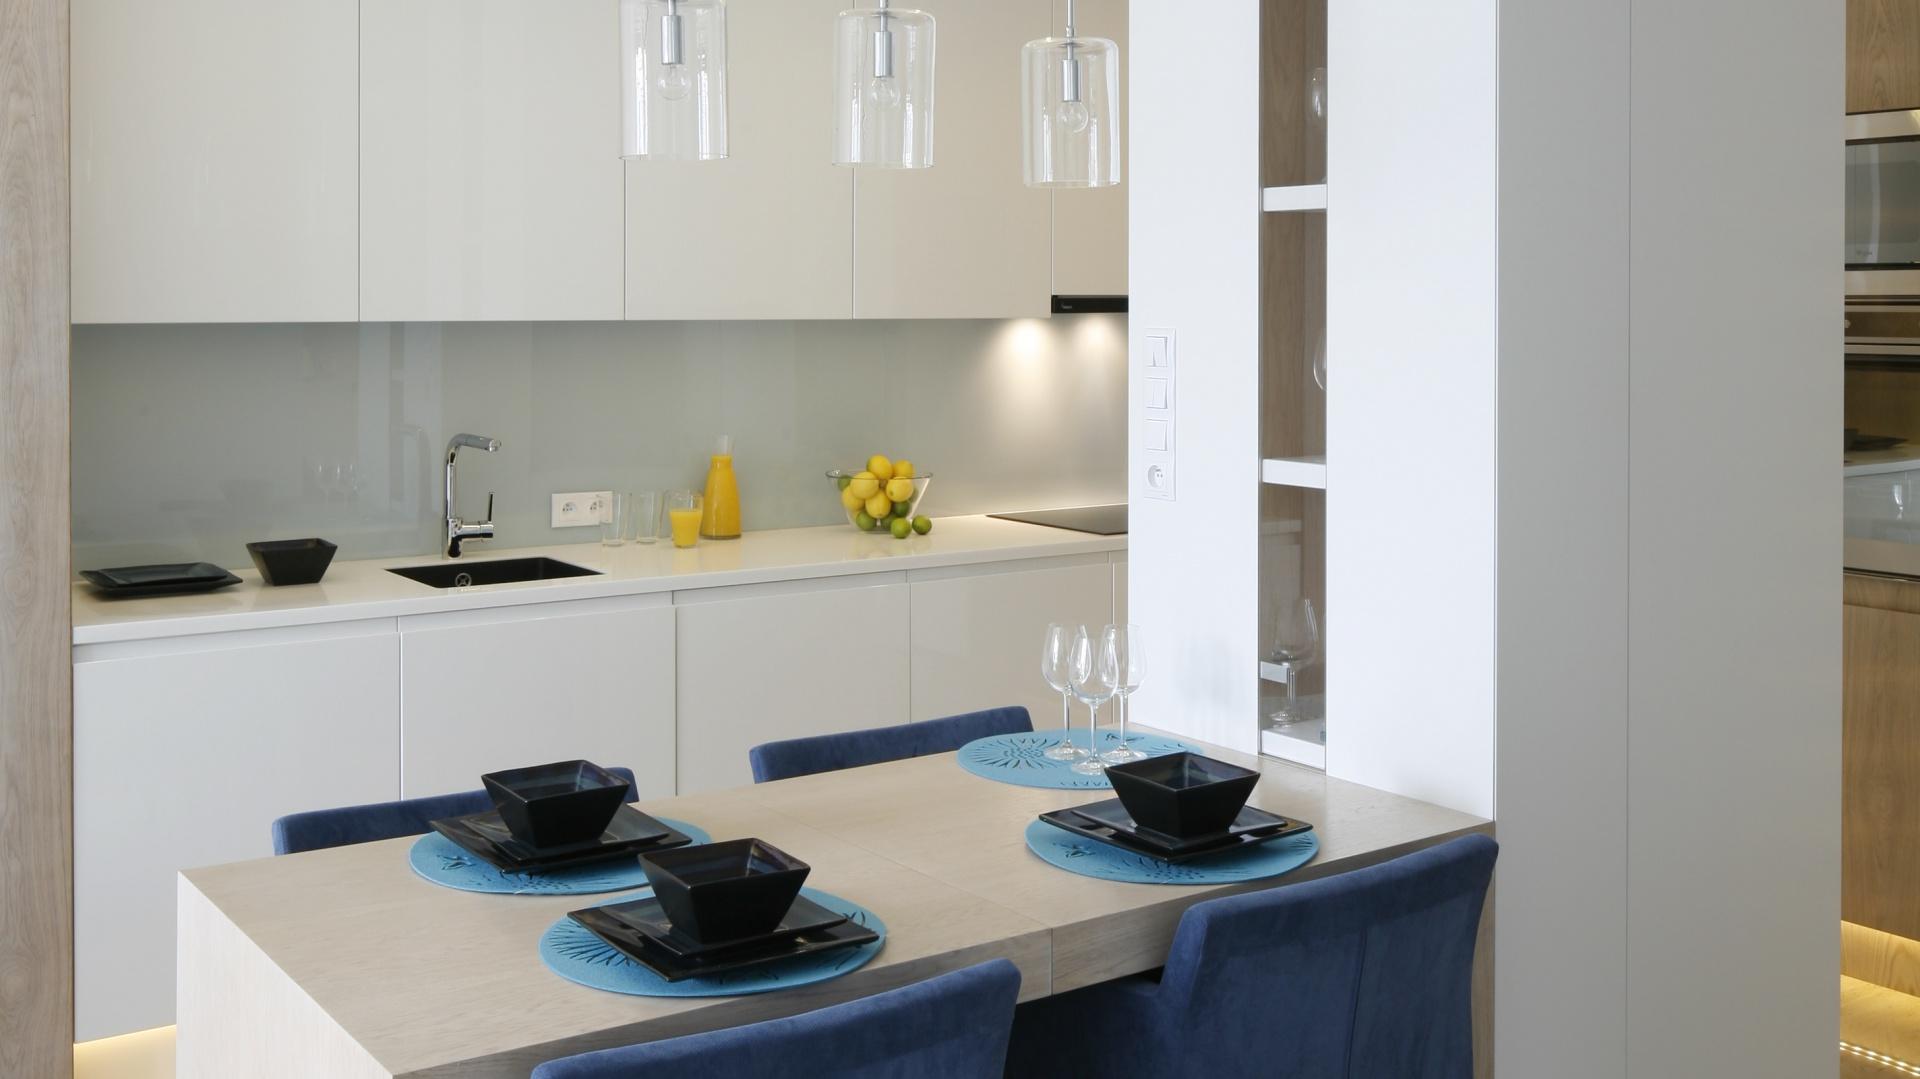 Stół zamocowano jednym Mała kuchnia w bloku Zobacz   -> Mala Kuchnia Aranżacja Wnetrza